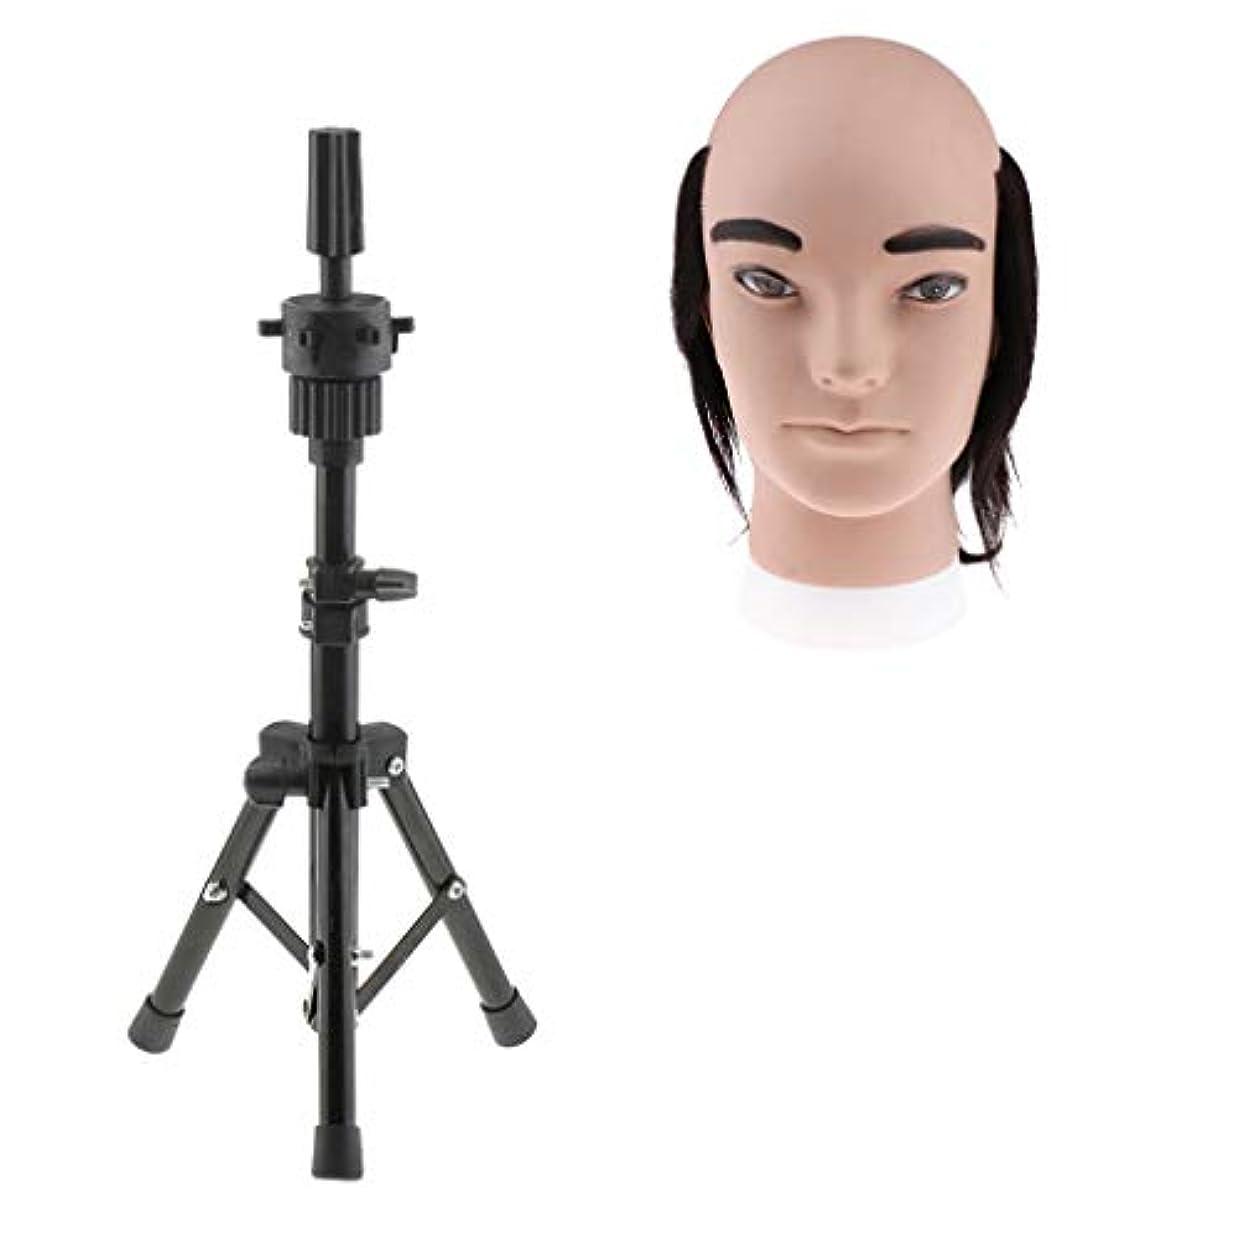 ガロンオーガニック飛行場CUTICATE 人間の髪毛 男性 マネキン トレーニング マネキン美容人形 人形の頭付き三脚ホルダー